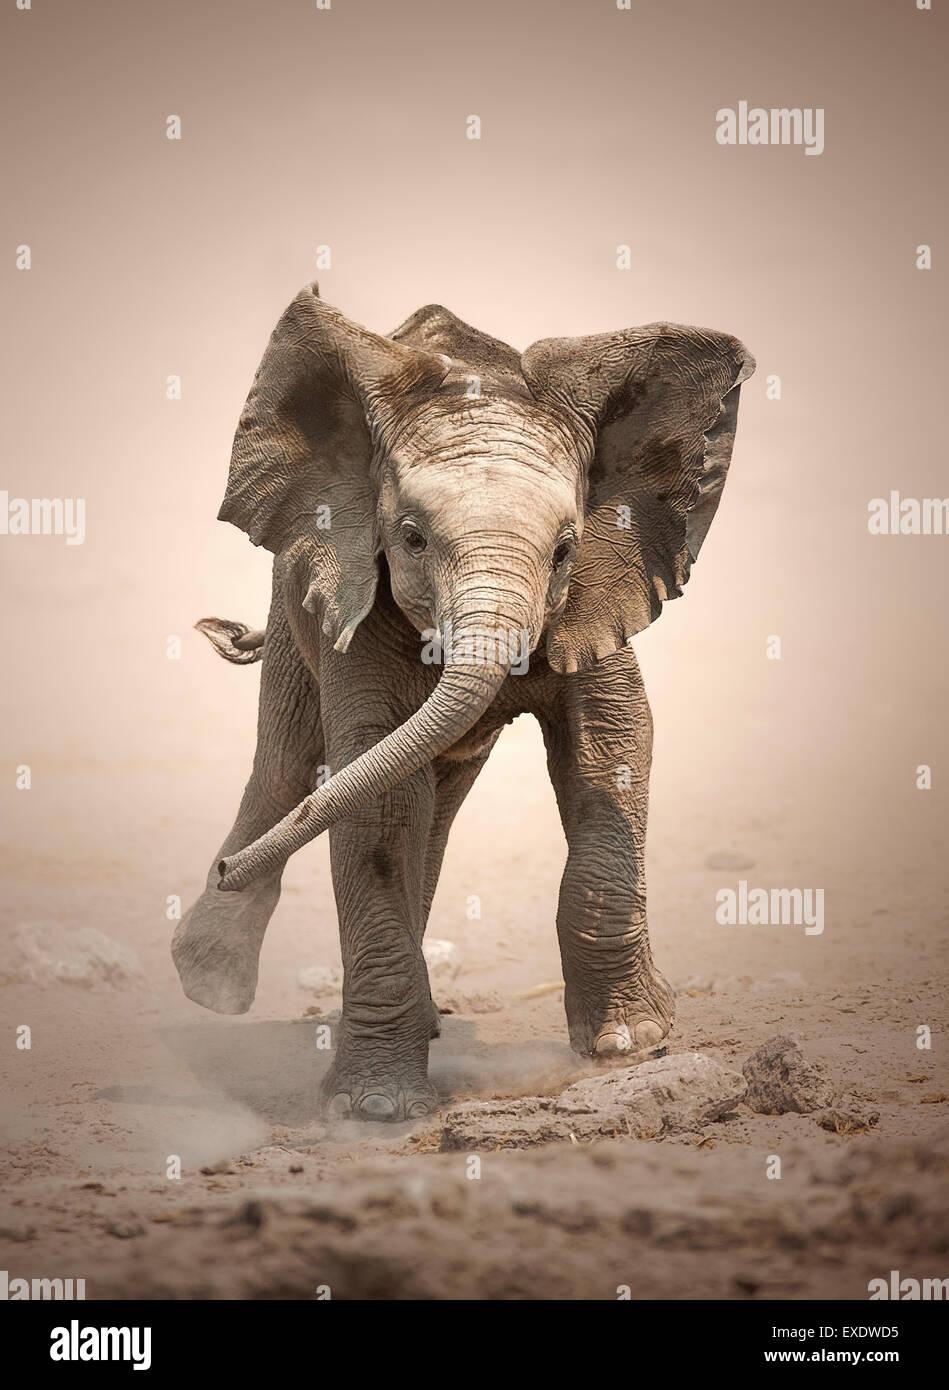 Cucciolo di elefante africano (Loxodonta africana) simulazione di carica - Etosha National Park (Namibia) Immagini Stock